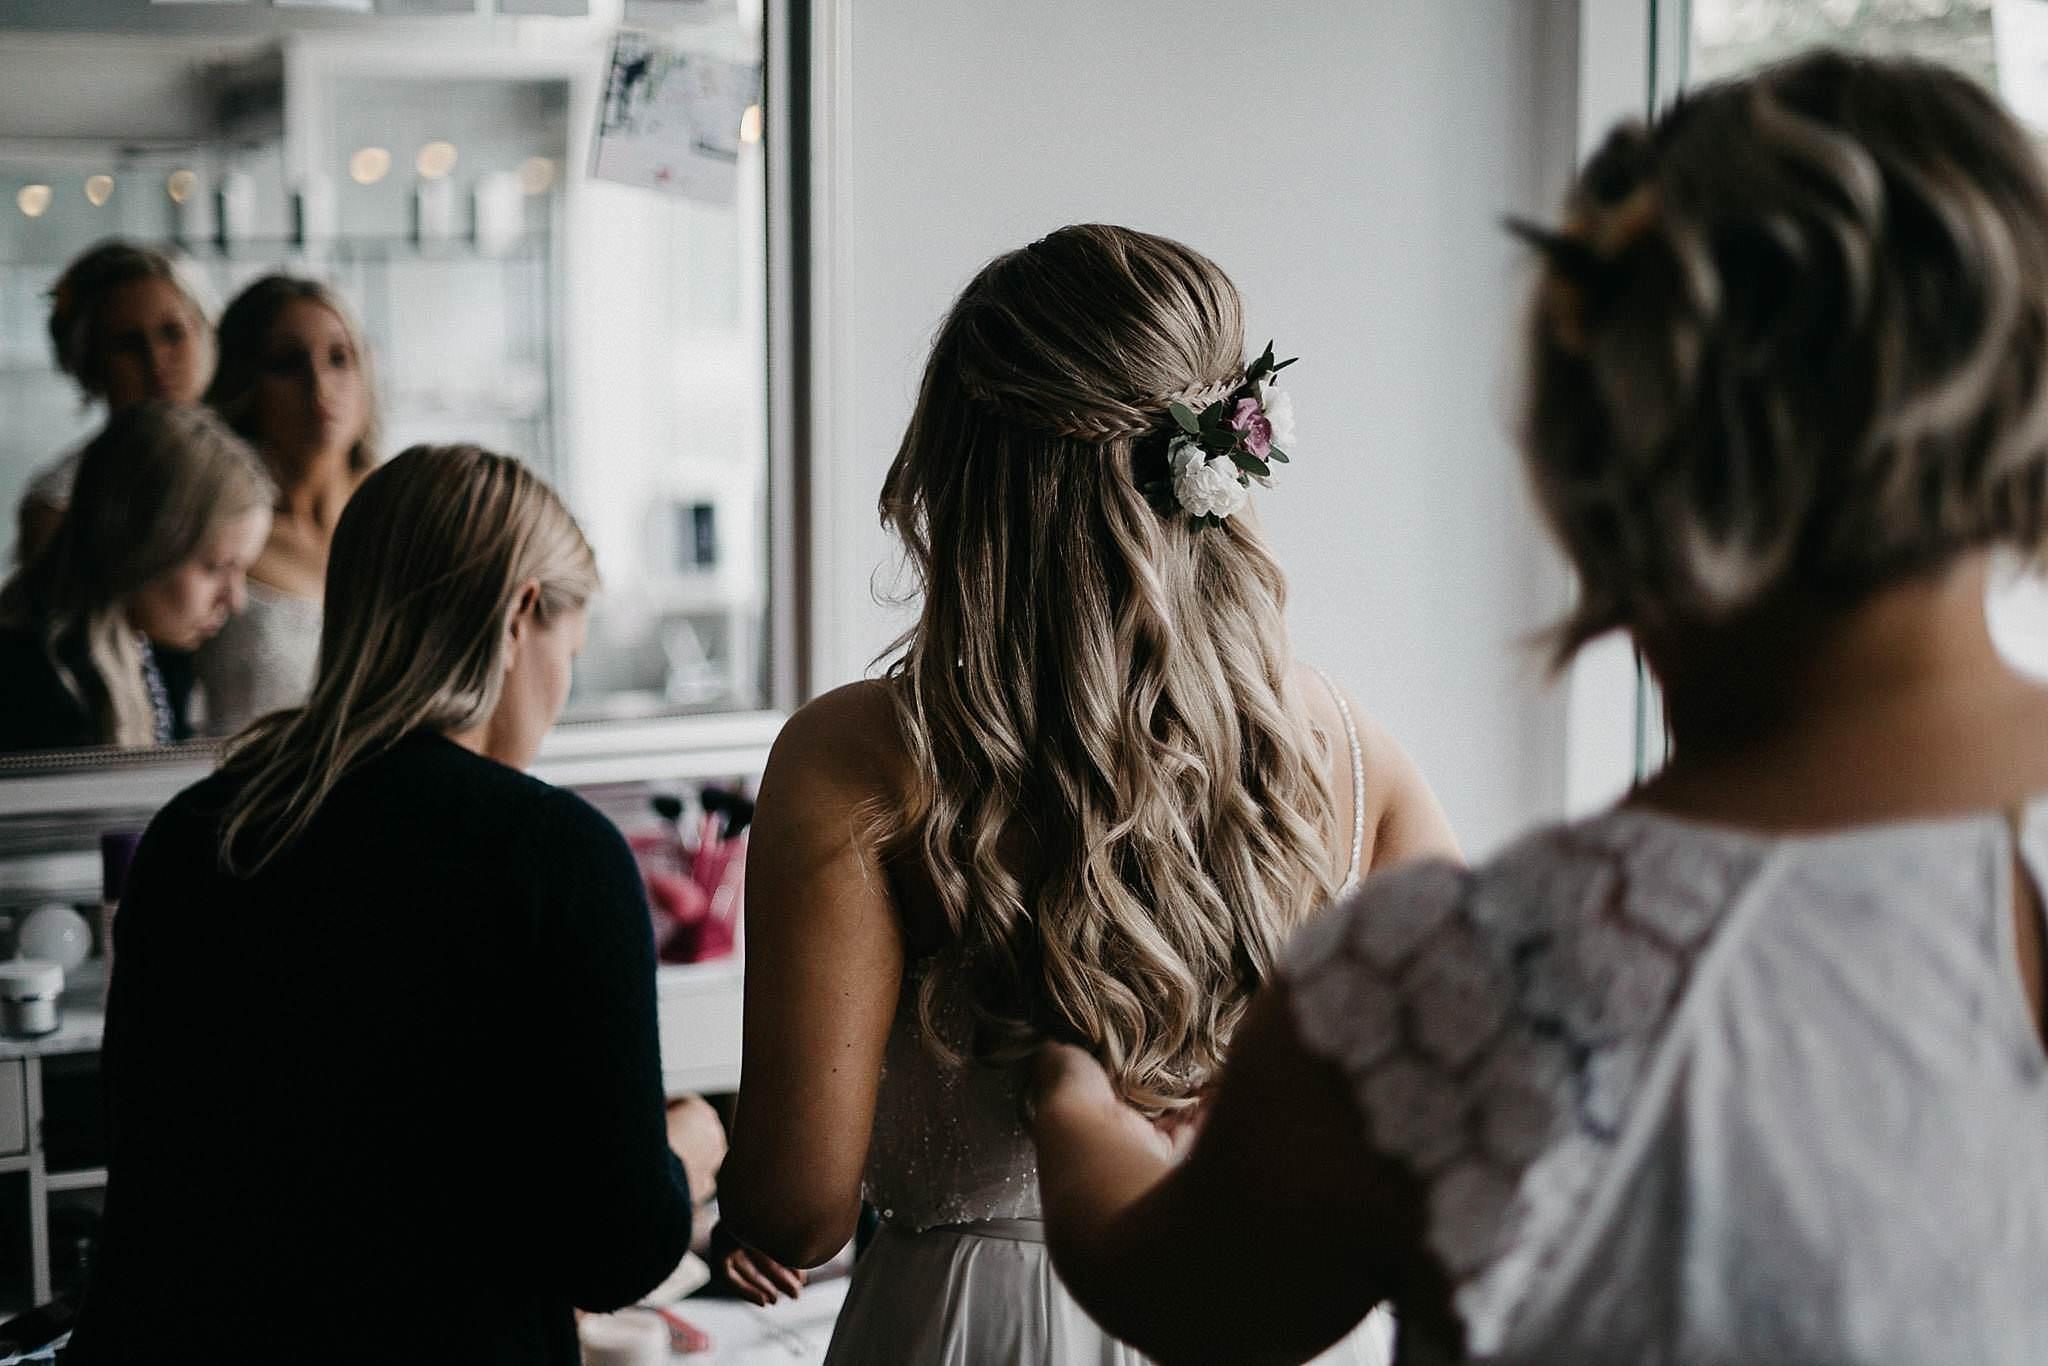 Haakuvaus_wedding_jyvaskyla_muurame_tuomiston_tila_0144.jpg